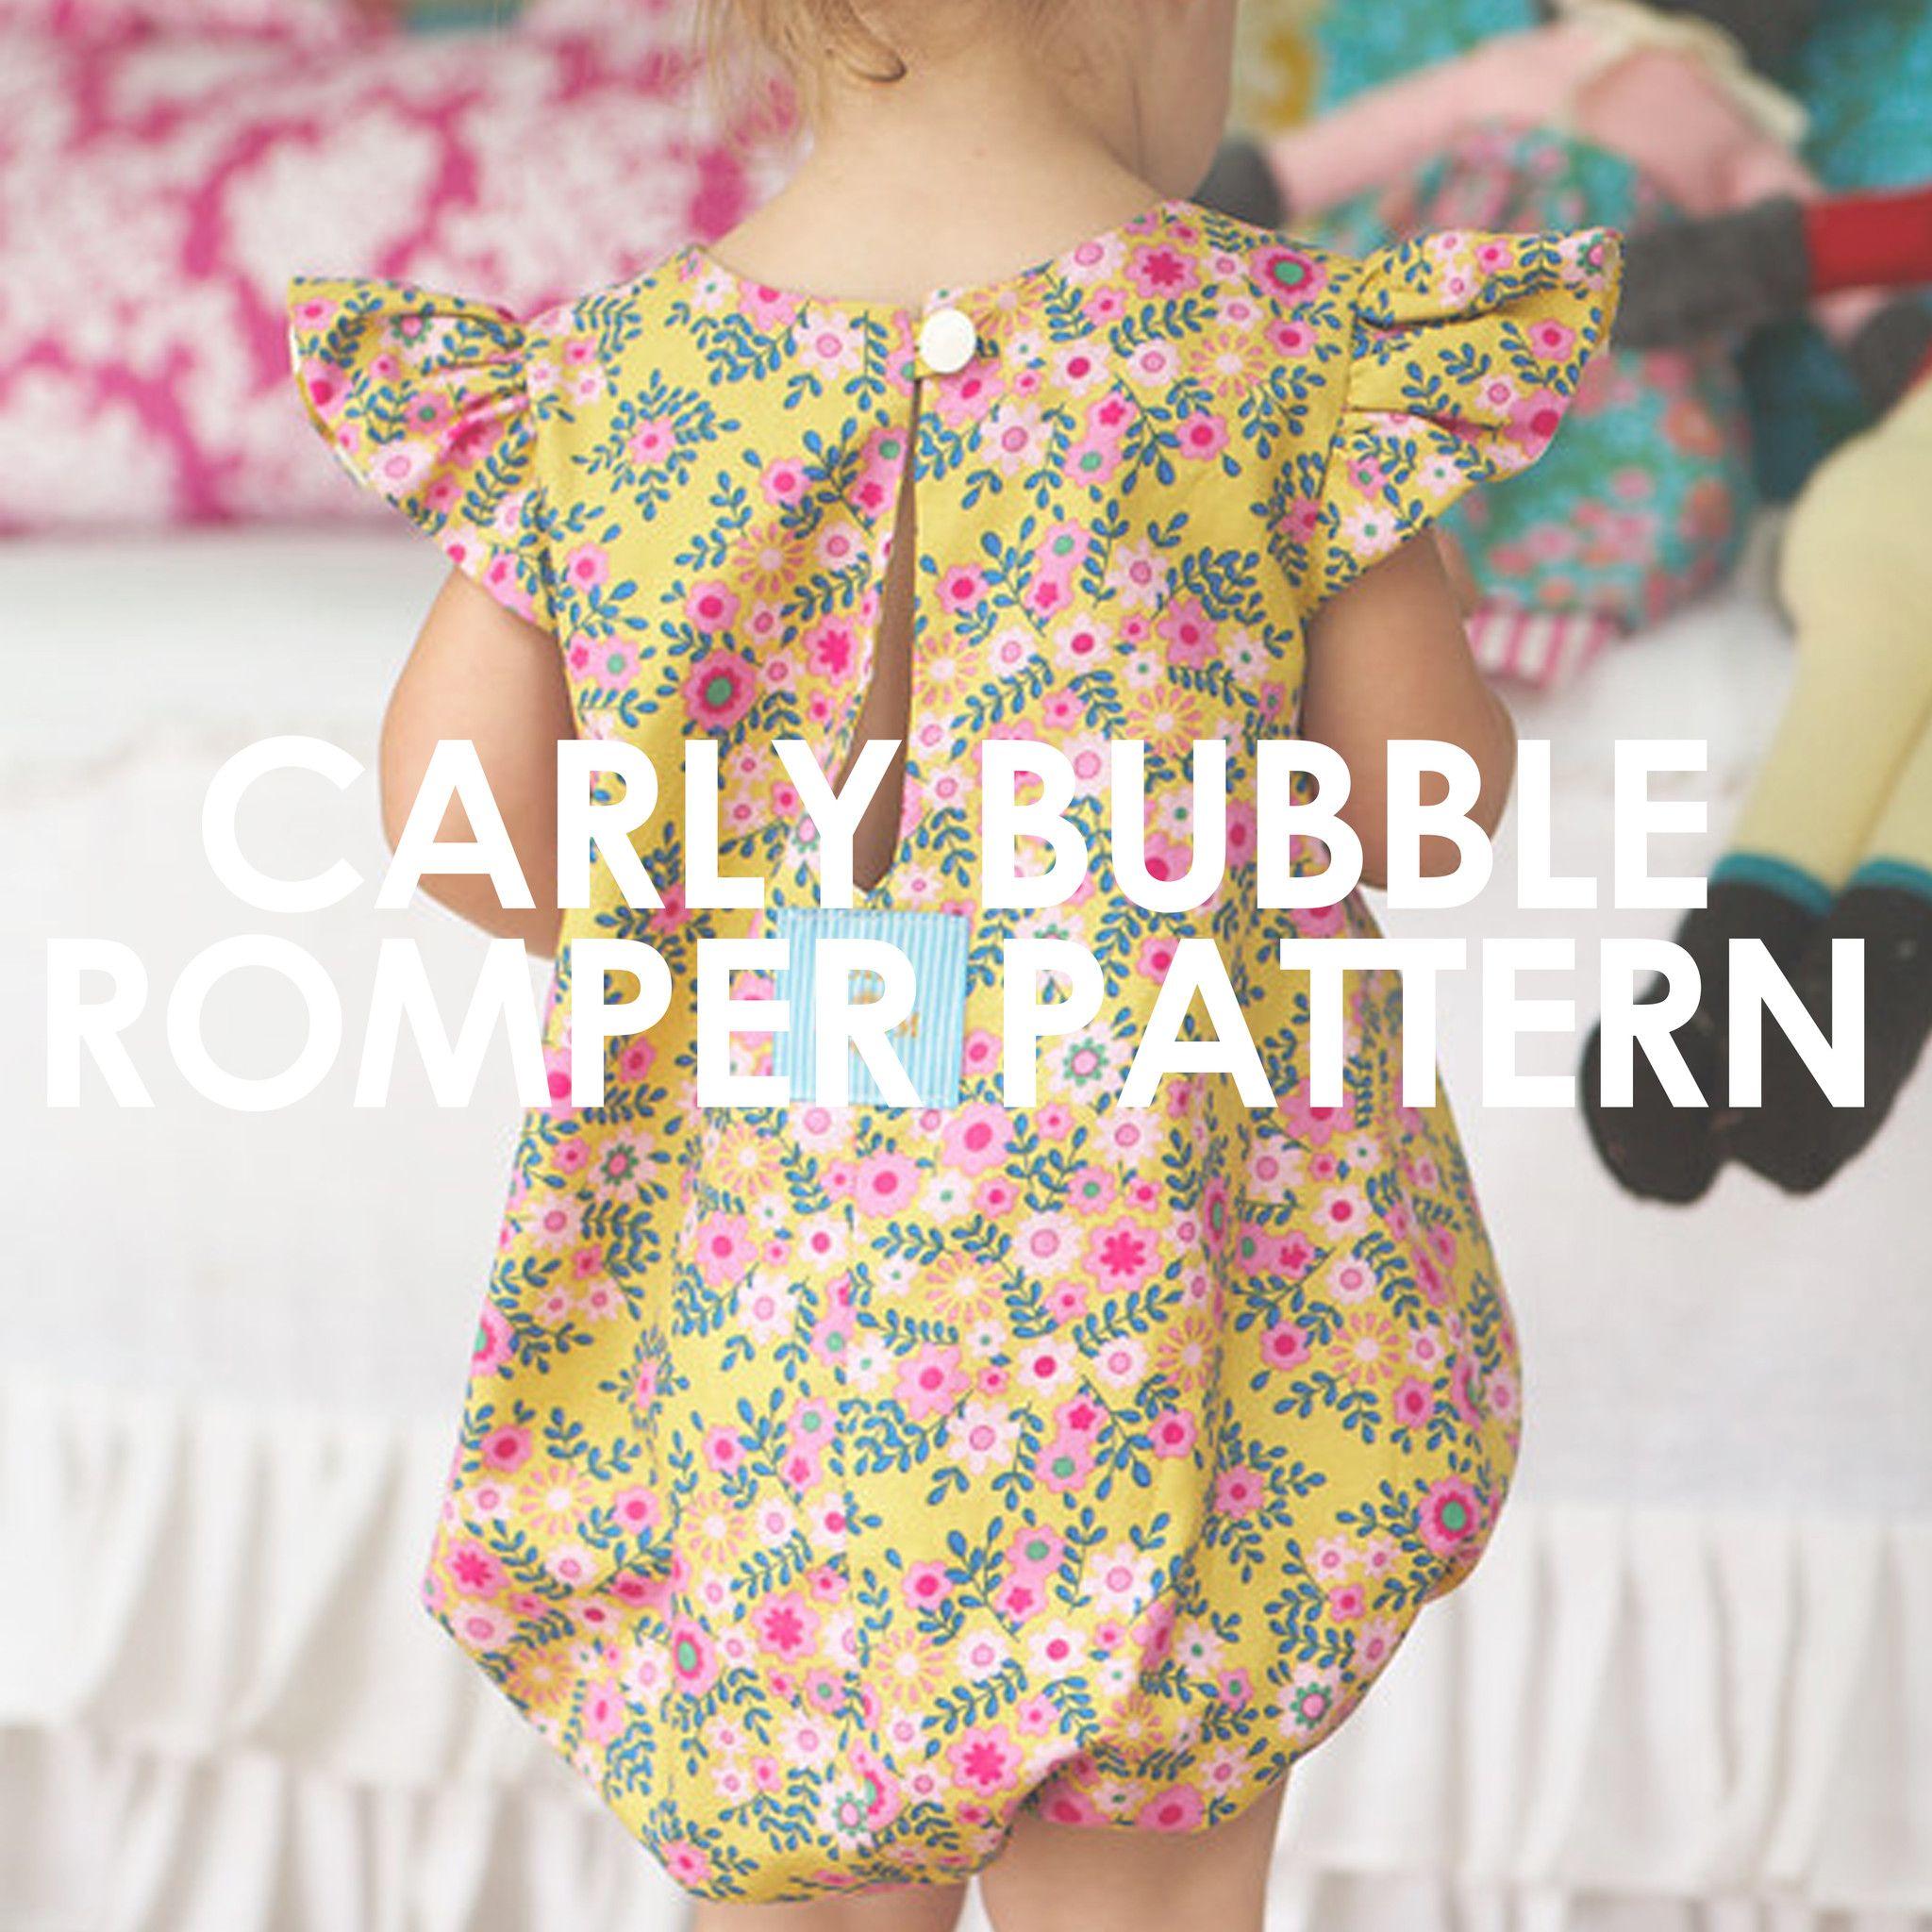 Carly Bubble Romper | Die zwillinge, Nähideen und Nähen baby